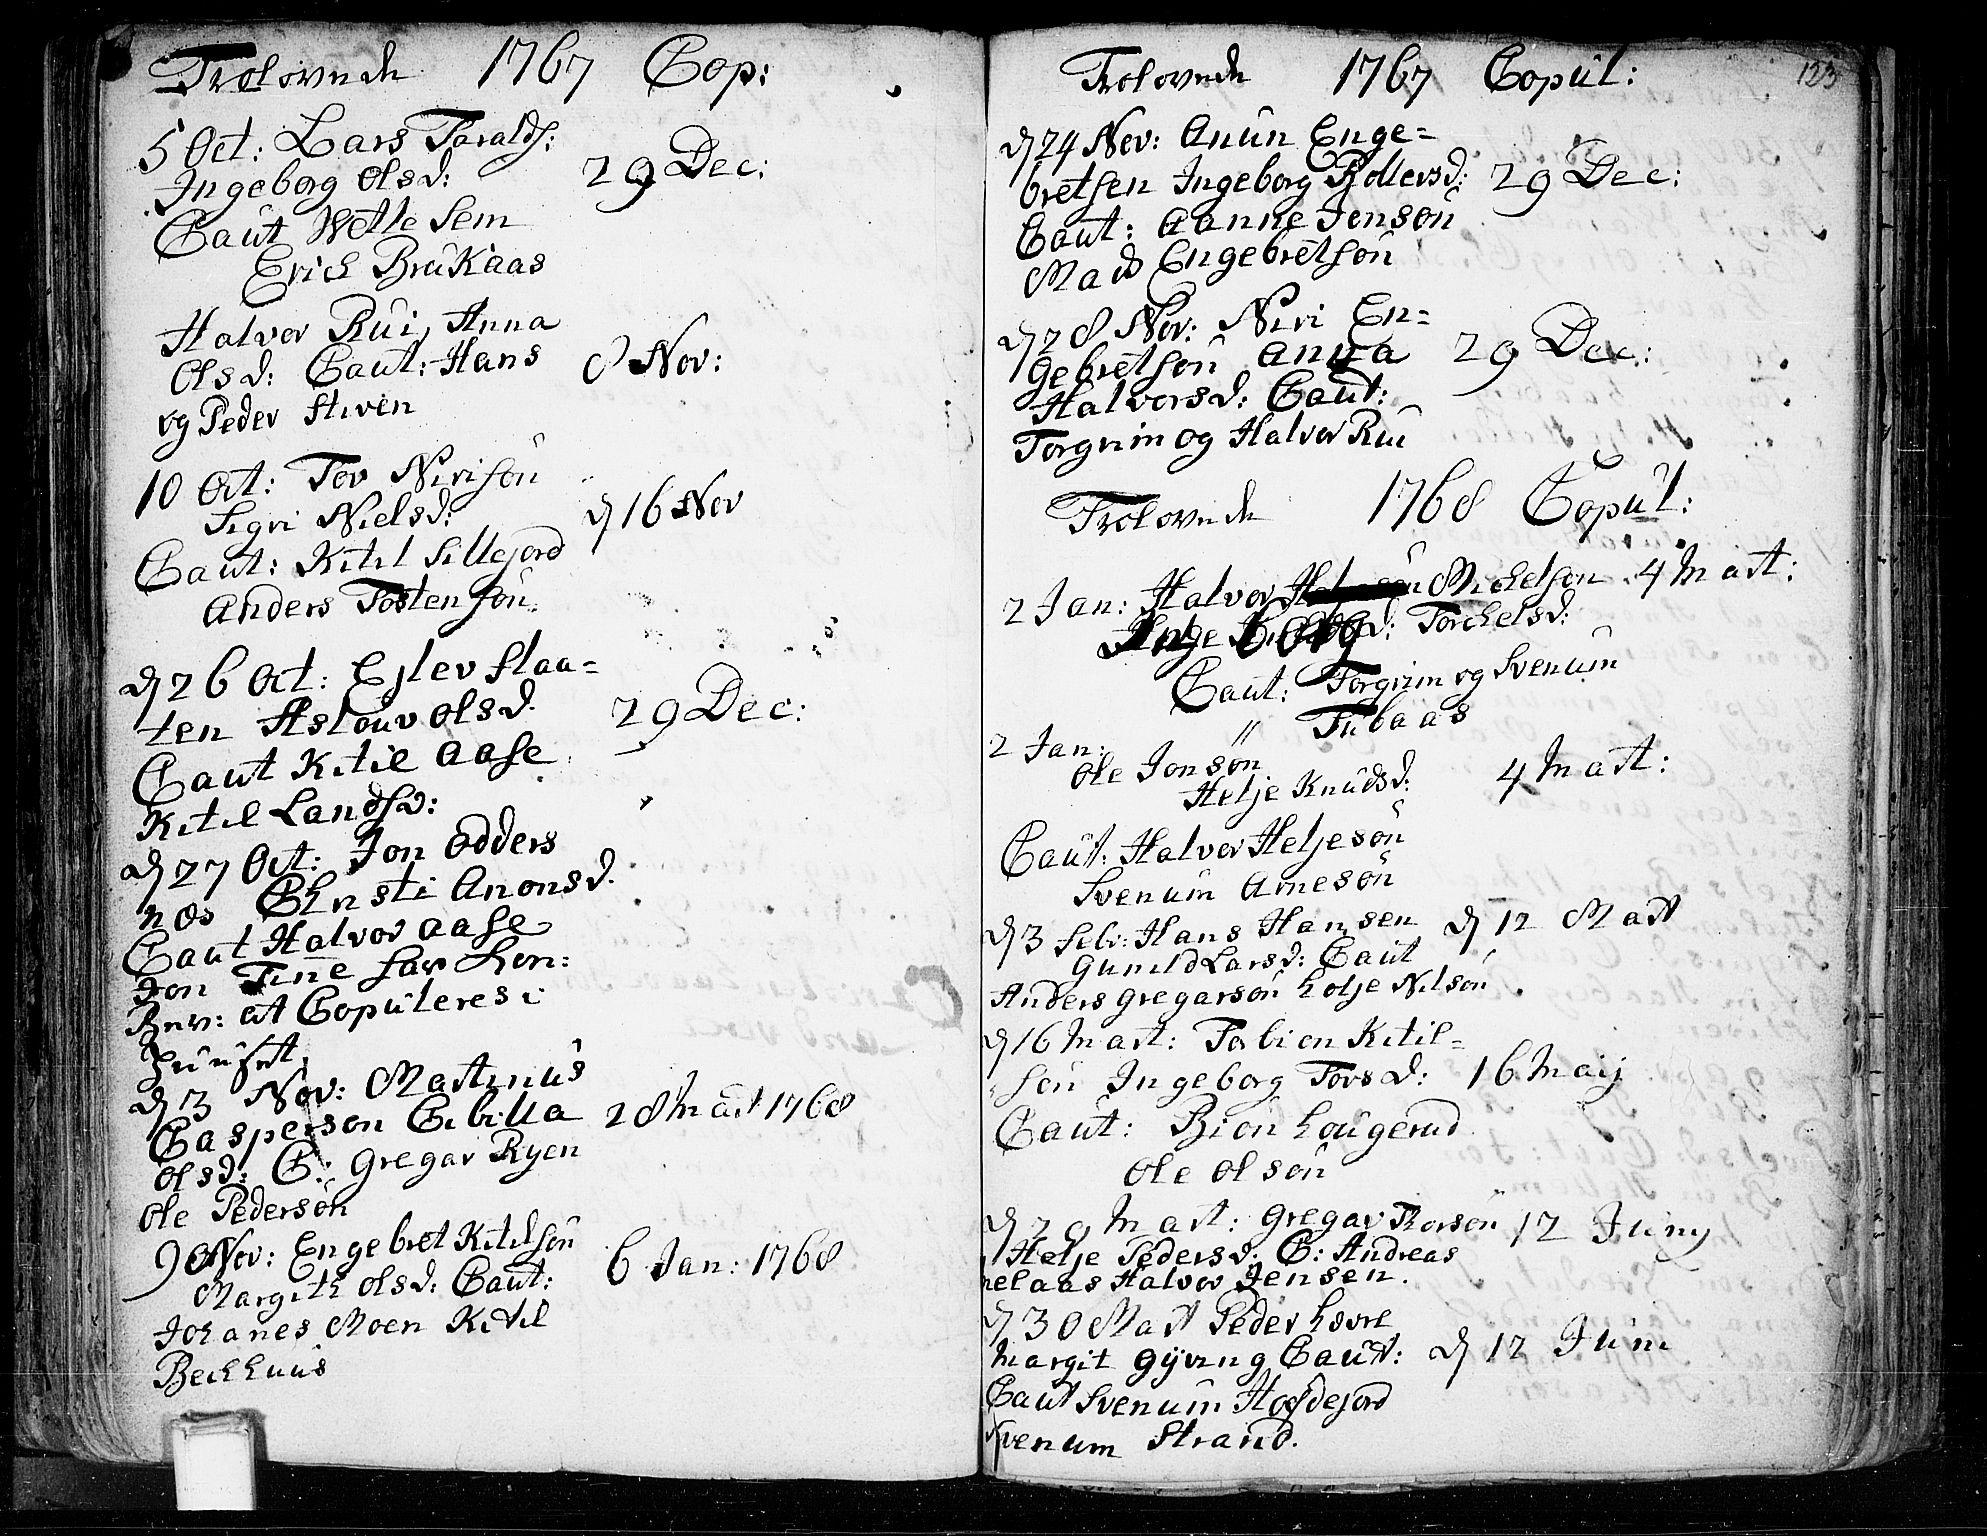 SAKO, Heddal kirkebøker, F/Fa/L0003: Ministerialbok nr. I 3, 1723-1783, s. 123